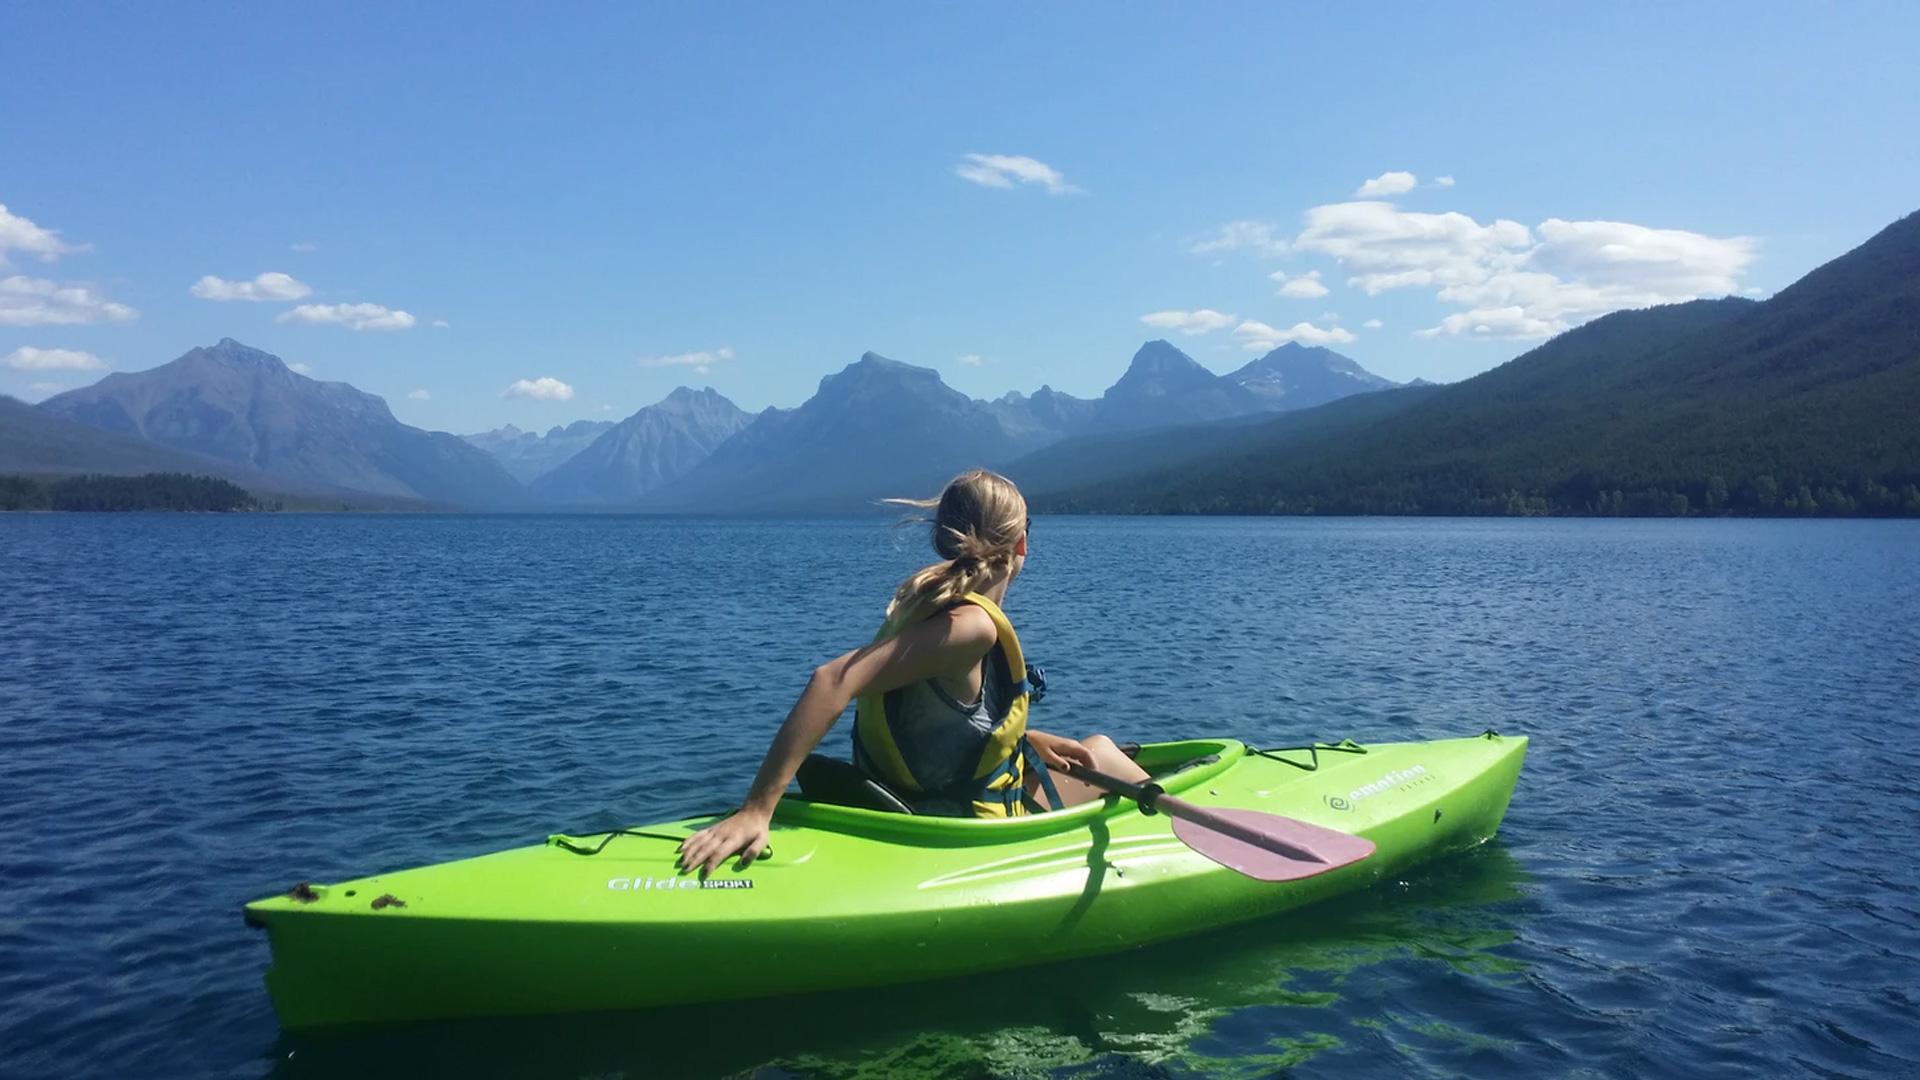 Paddle Board Rentals - Harbor Kayak